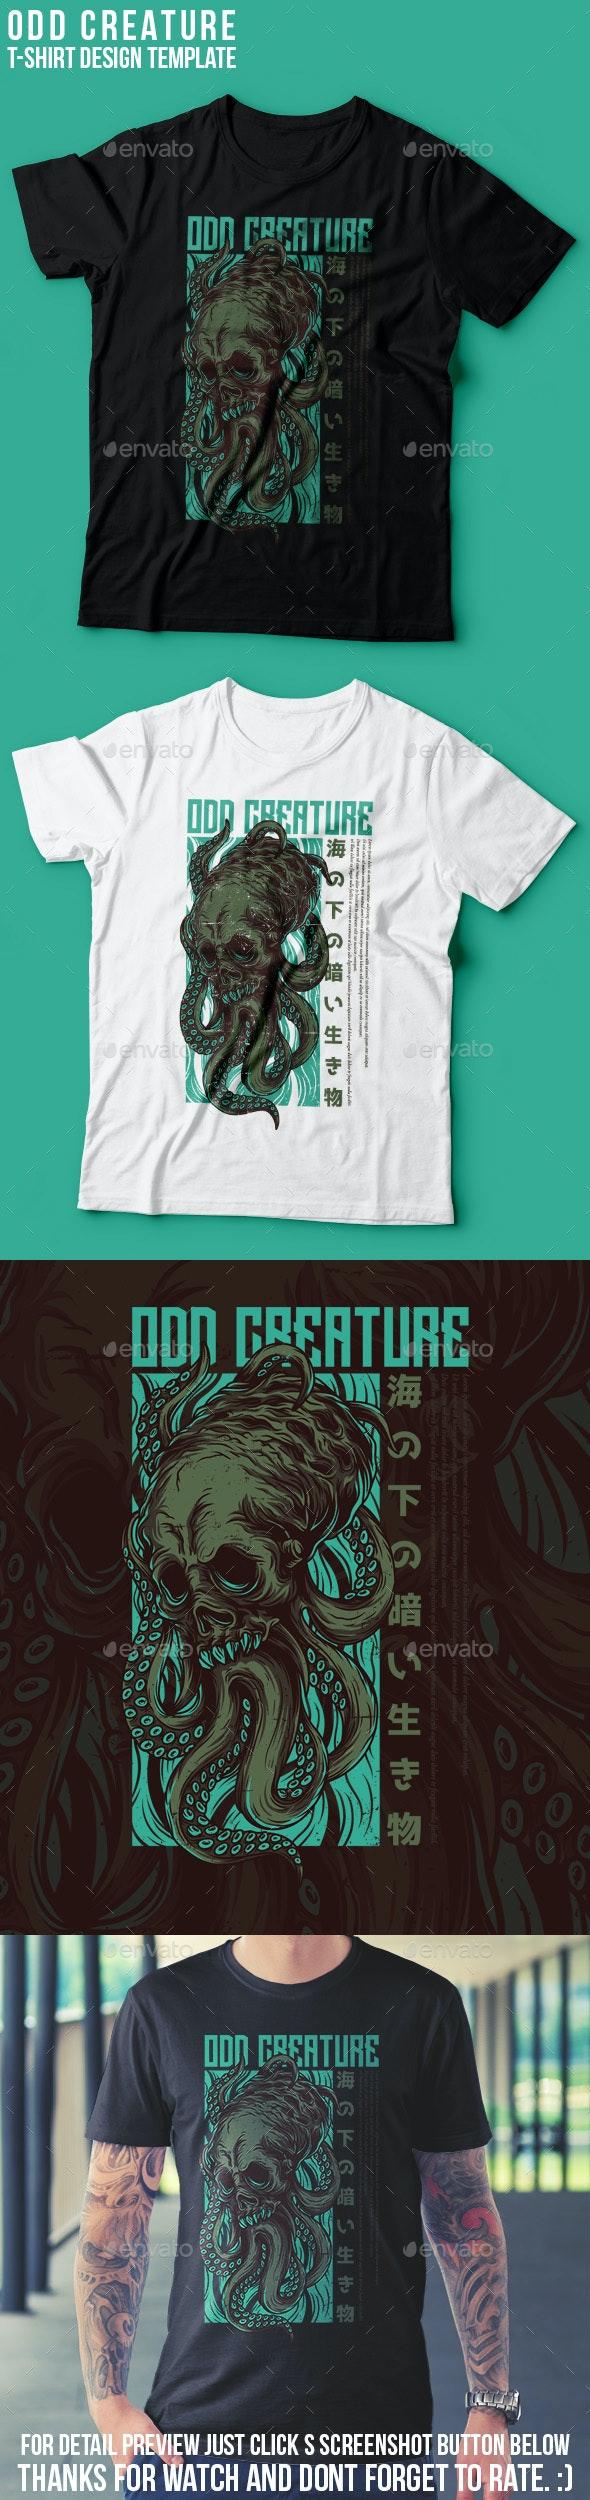 Odd Creature T-Shirt Design - Grunge Designs